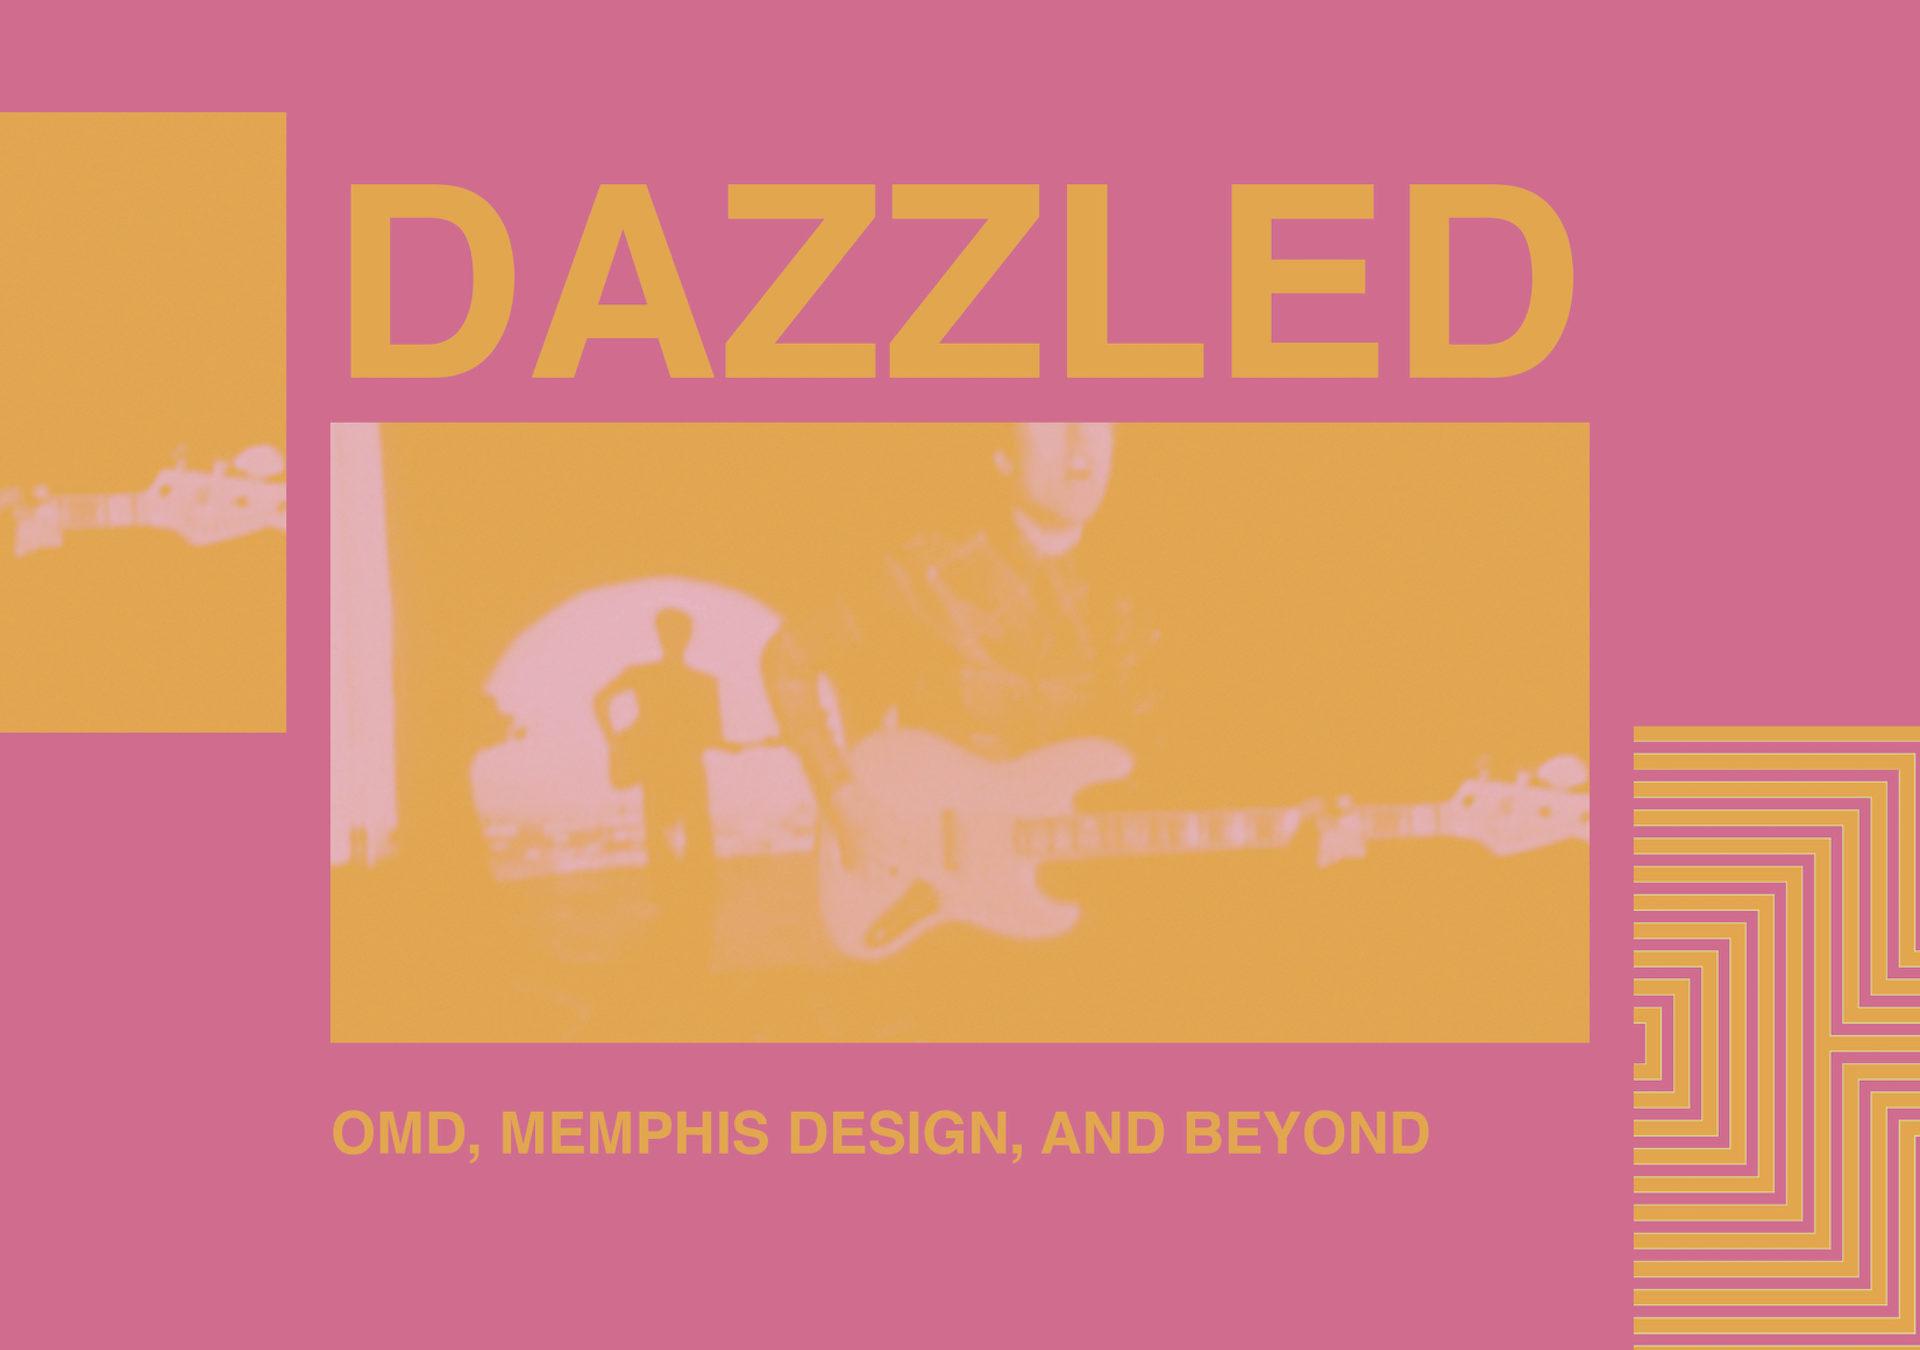 DazzledPoster-1920x1350.jpg